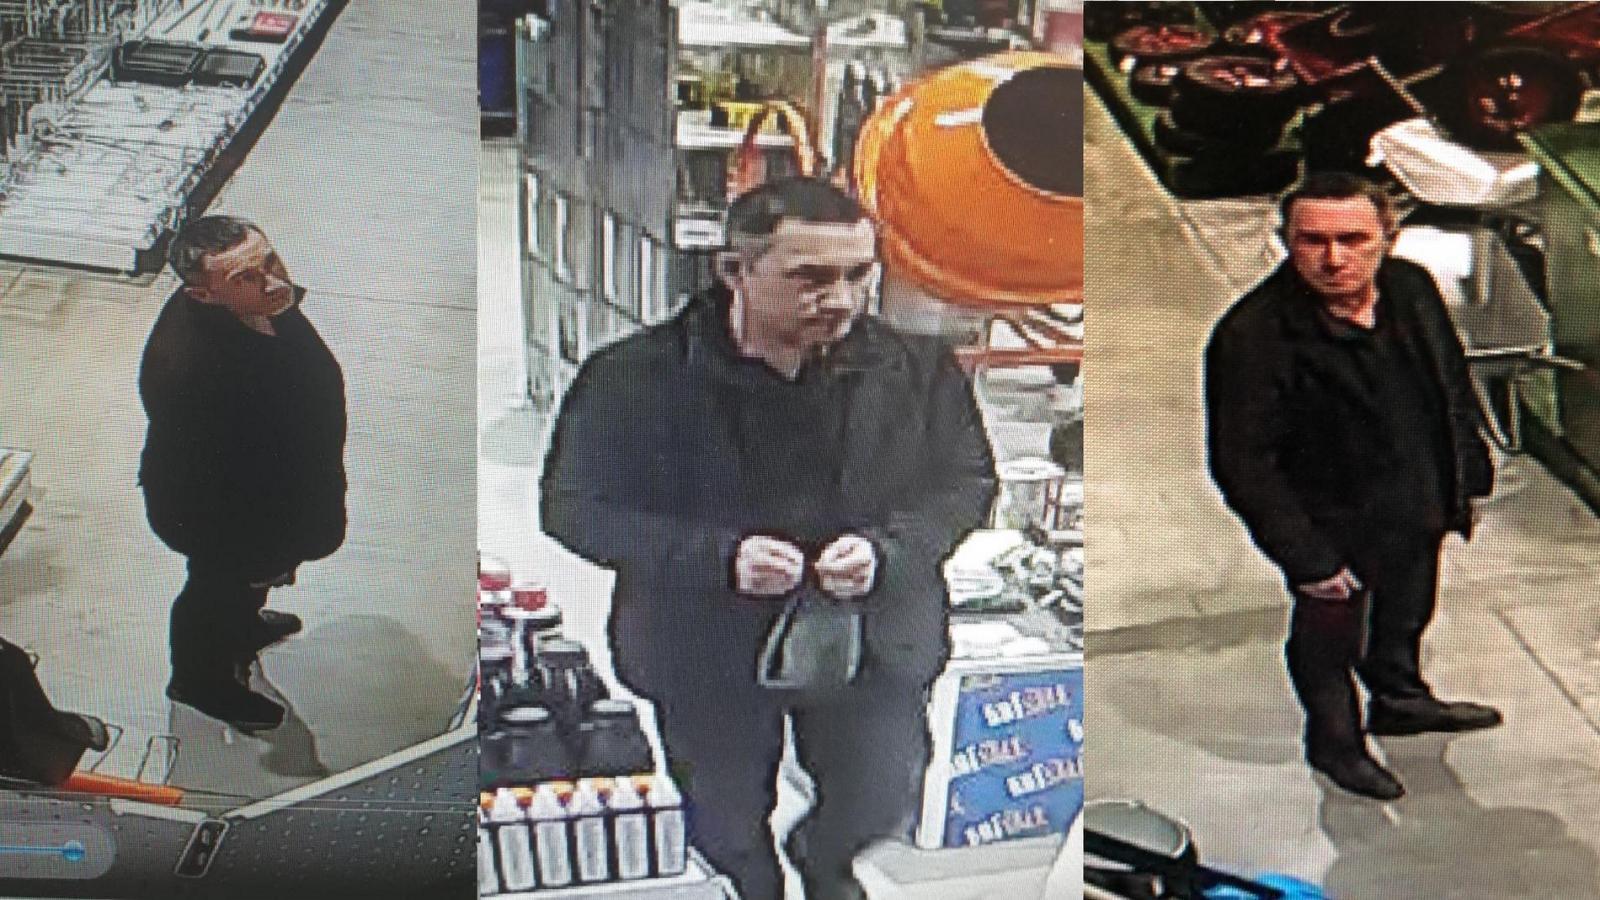 В Вологде разыскивают мужчину, который украл товар из магазина